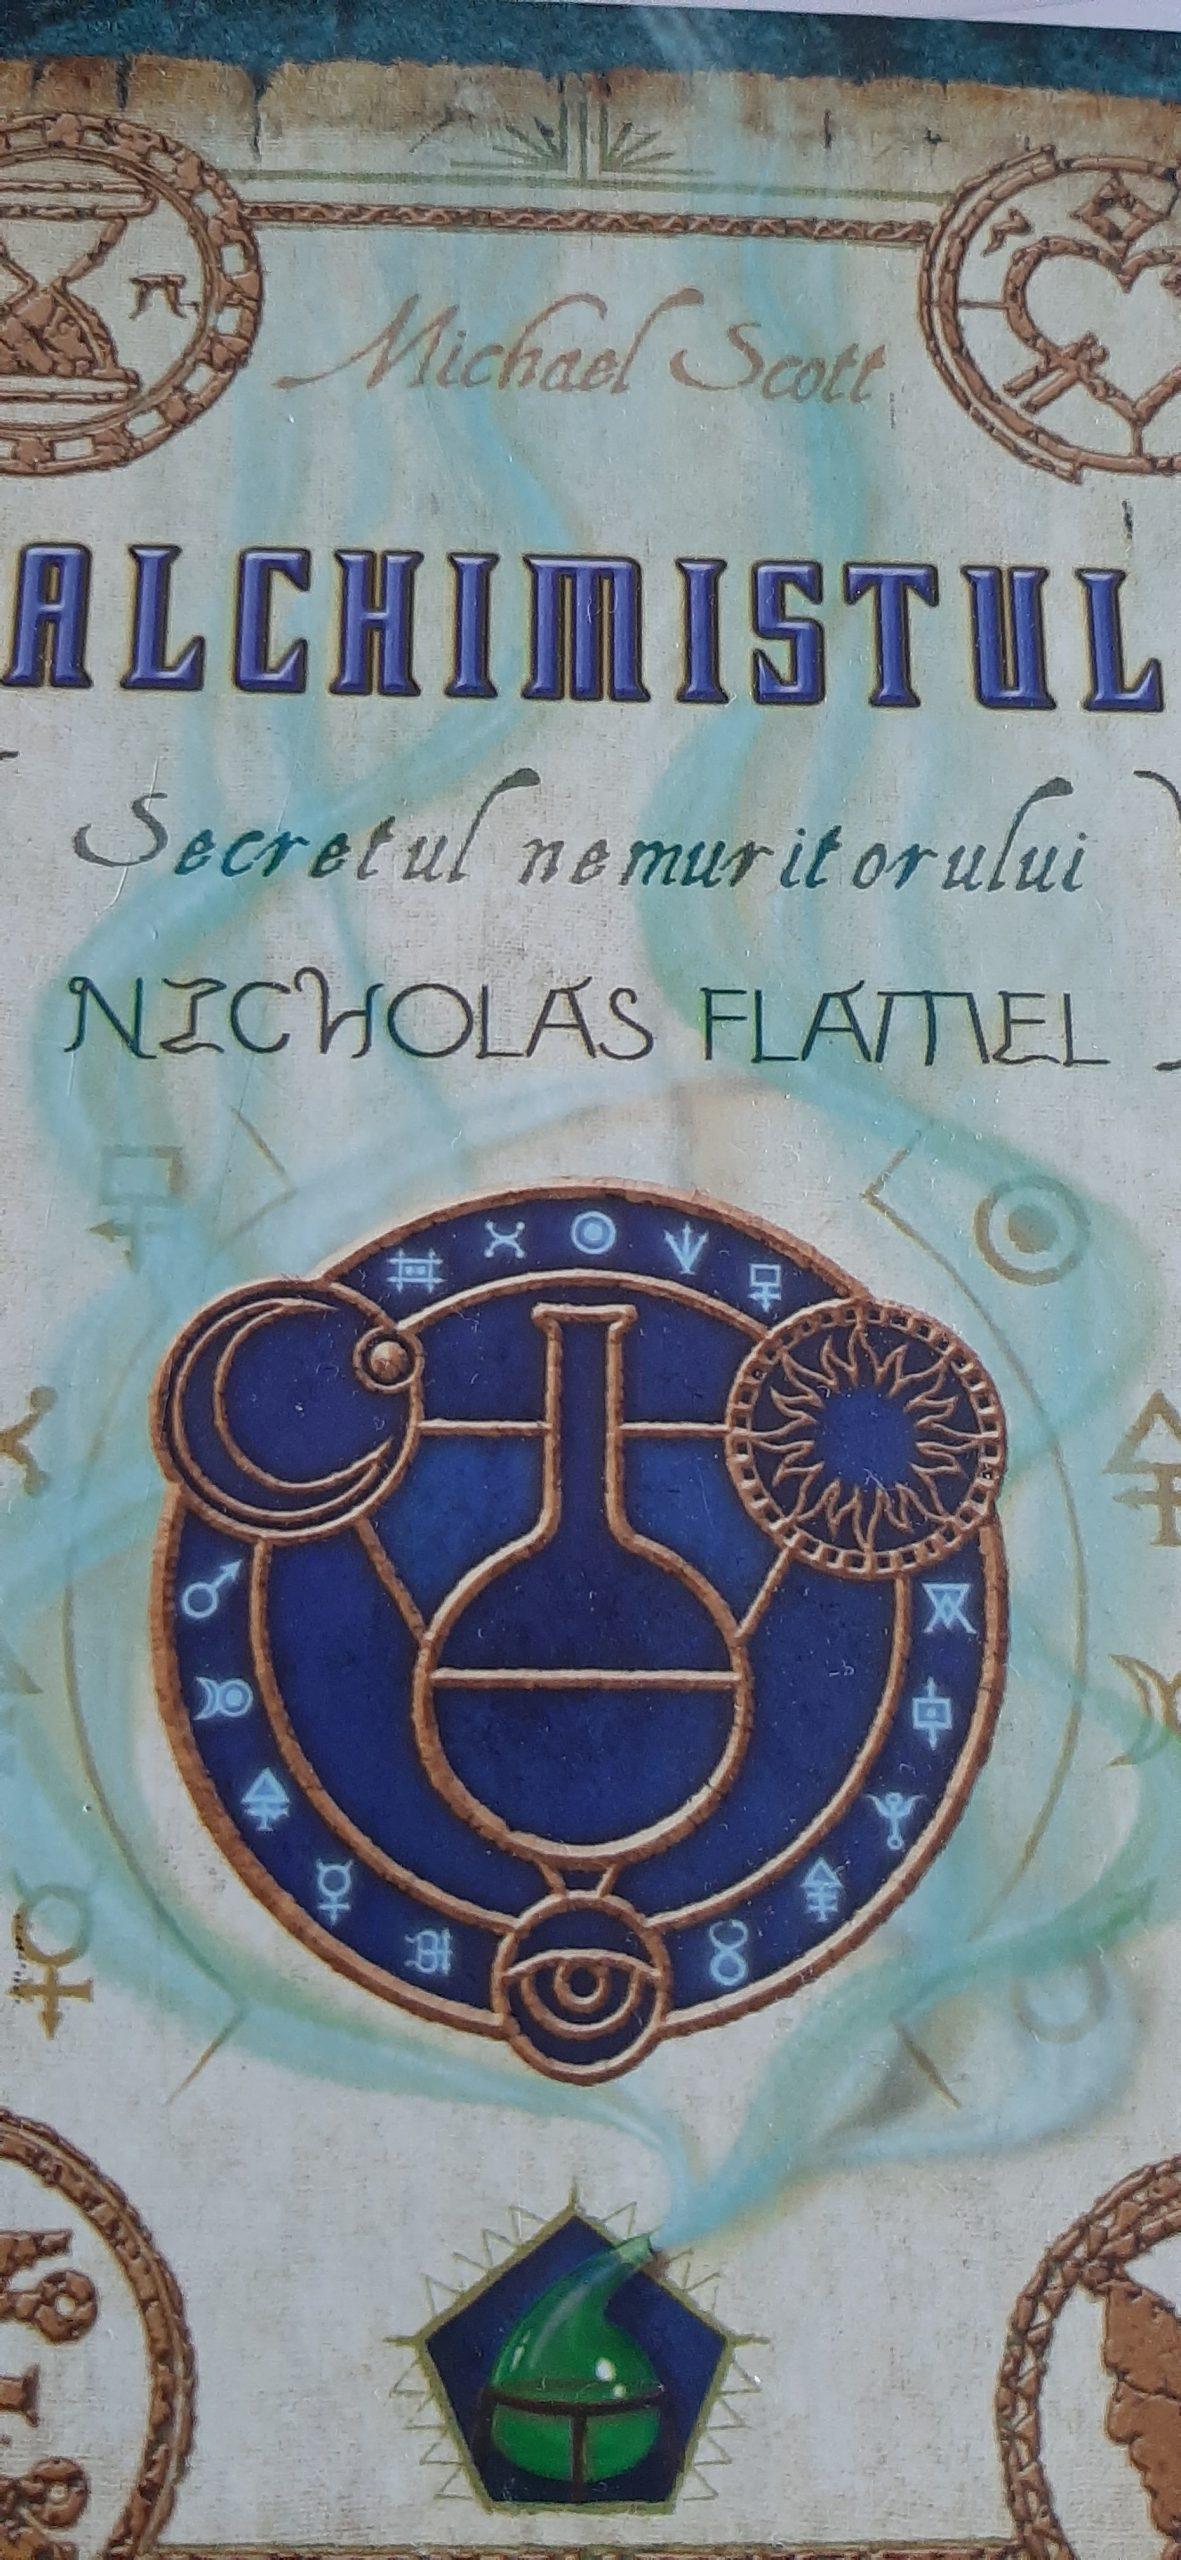 Alchimistul-Secretul nemuritorului Nicolas Flamel (Michael Scott)